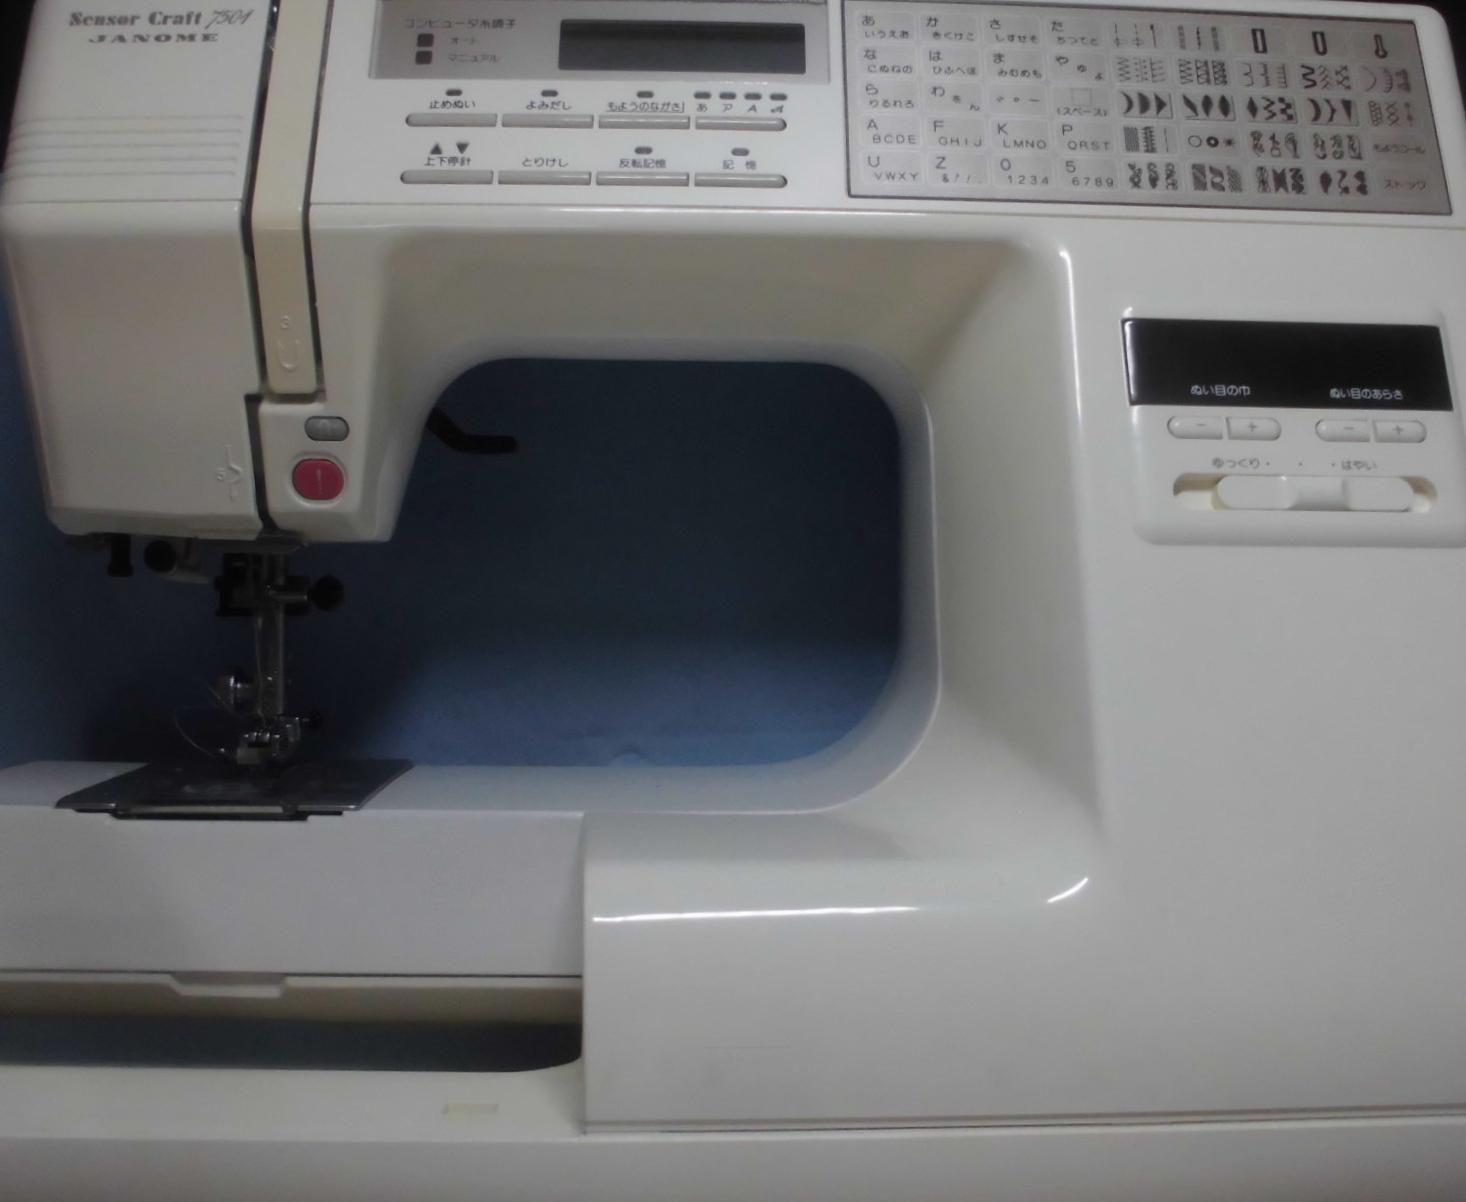 ジャノメミシン修理|センサークラフト7501|異音、糸調子不良、固着、動作不良